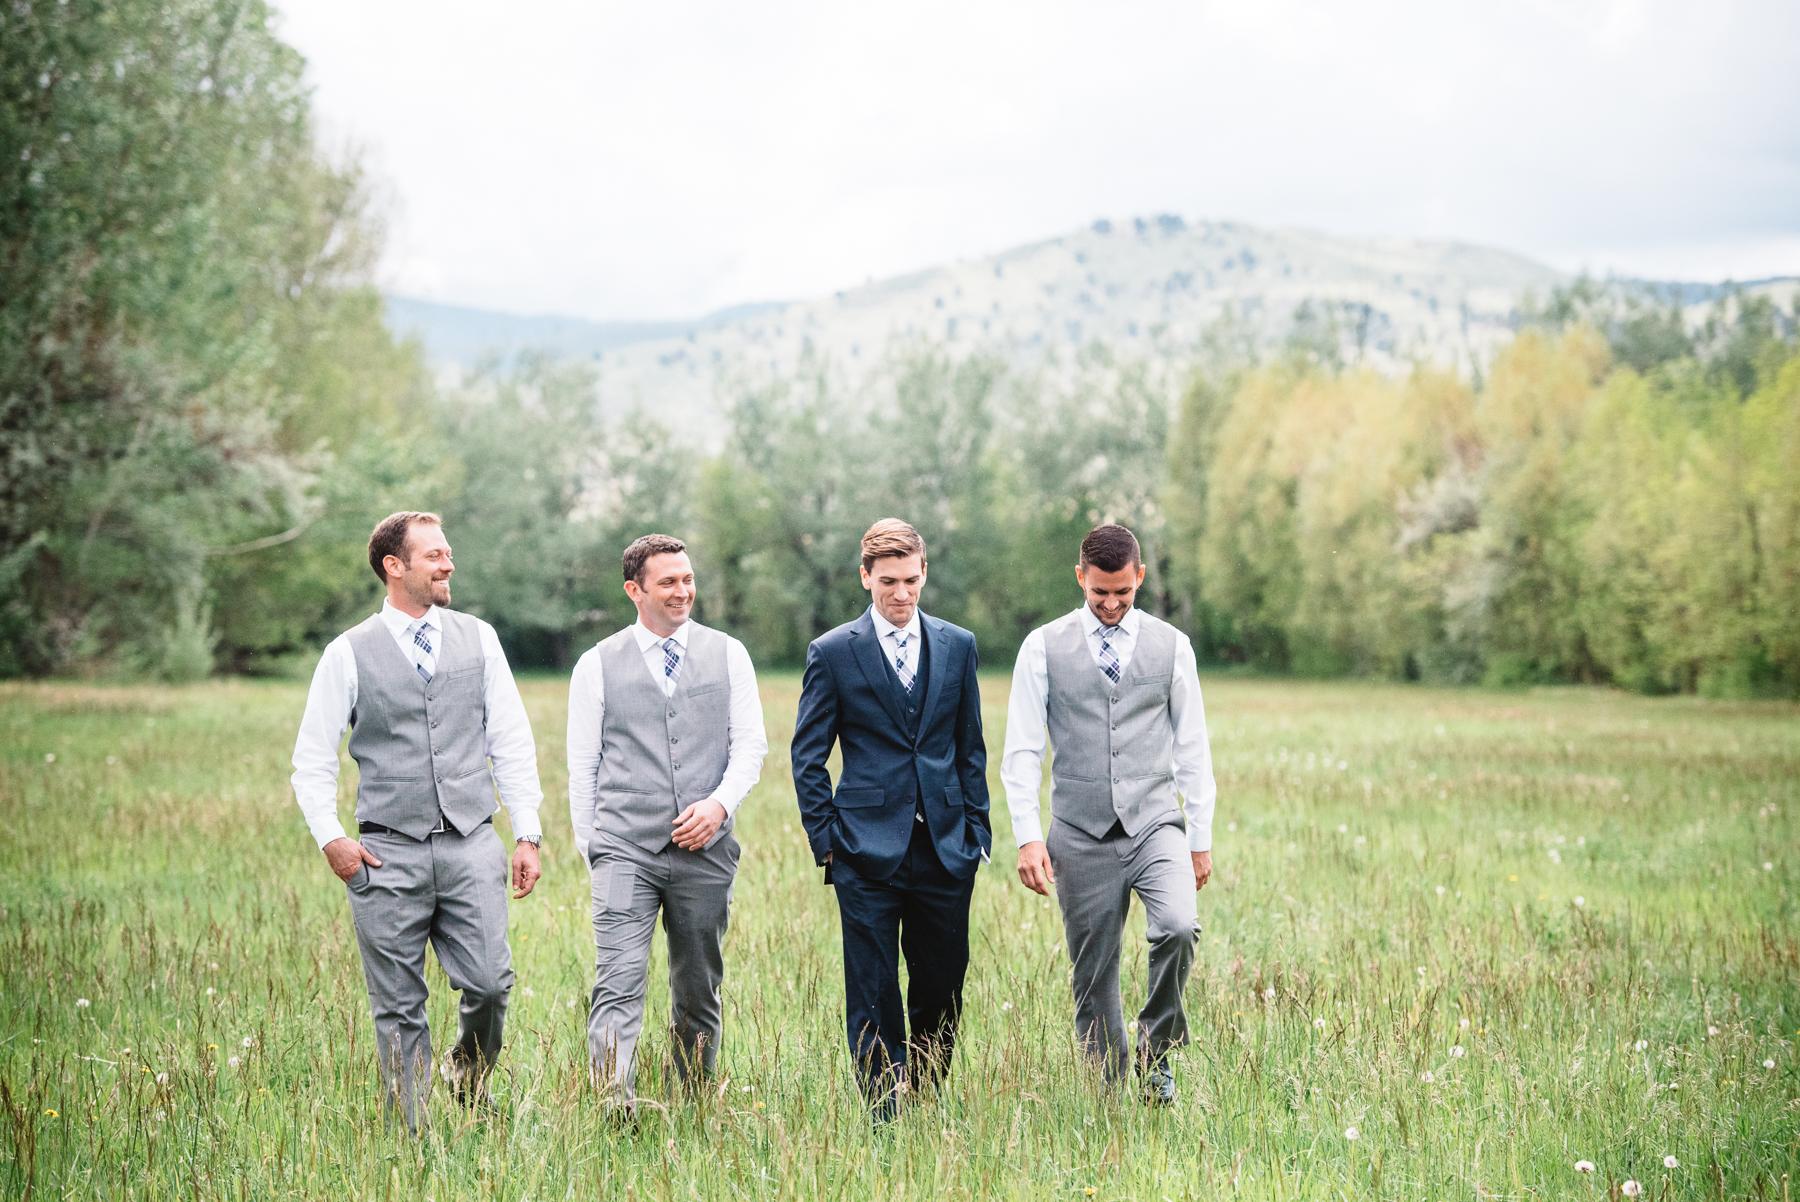 Chelsie+Mike-Lone-Hawk-Farm-Wedding-015.jpg